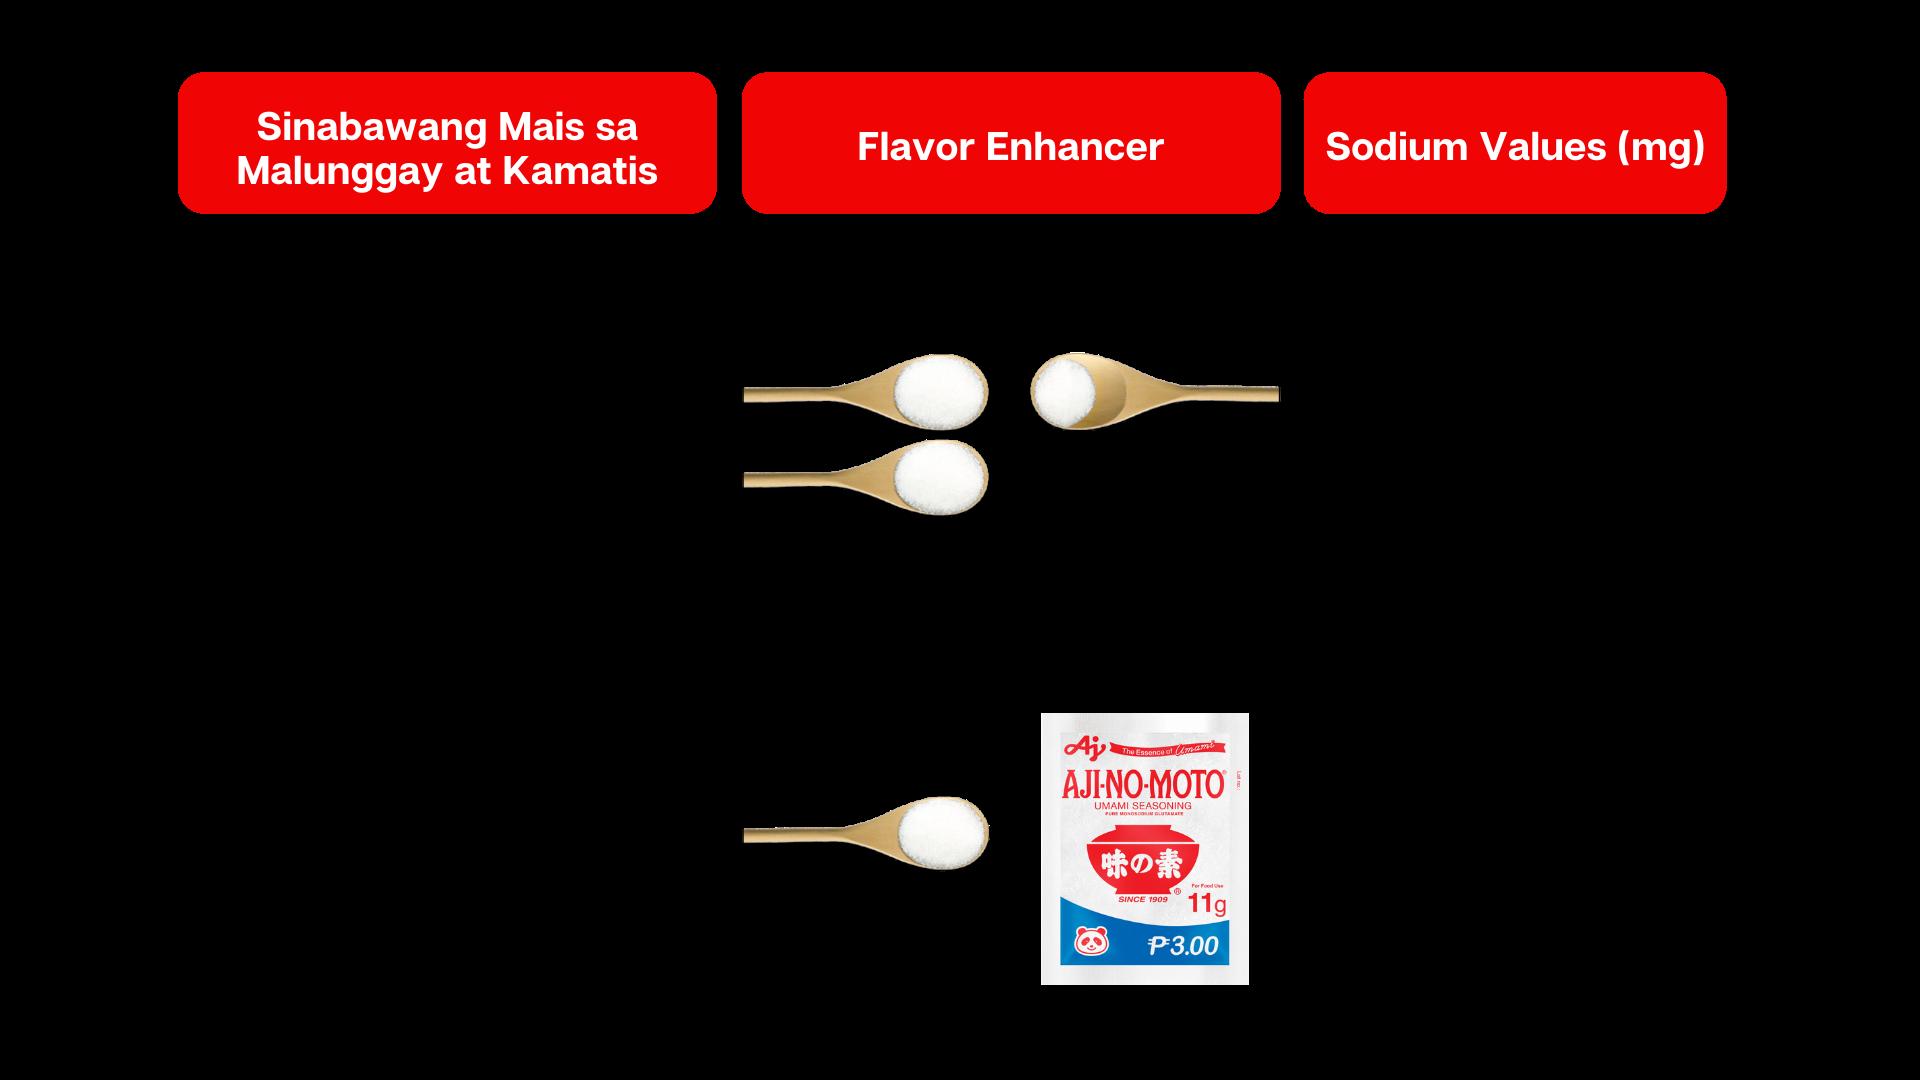 Sinabawang Mais sa Malunggay at Kamatis Less Sodium